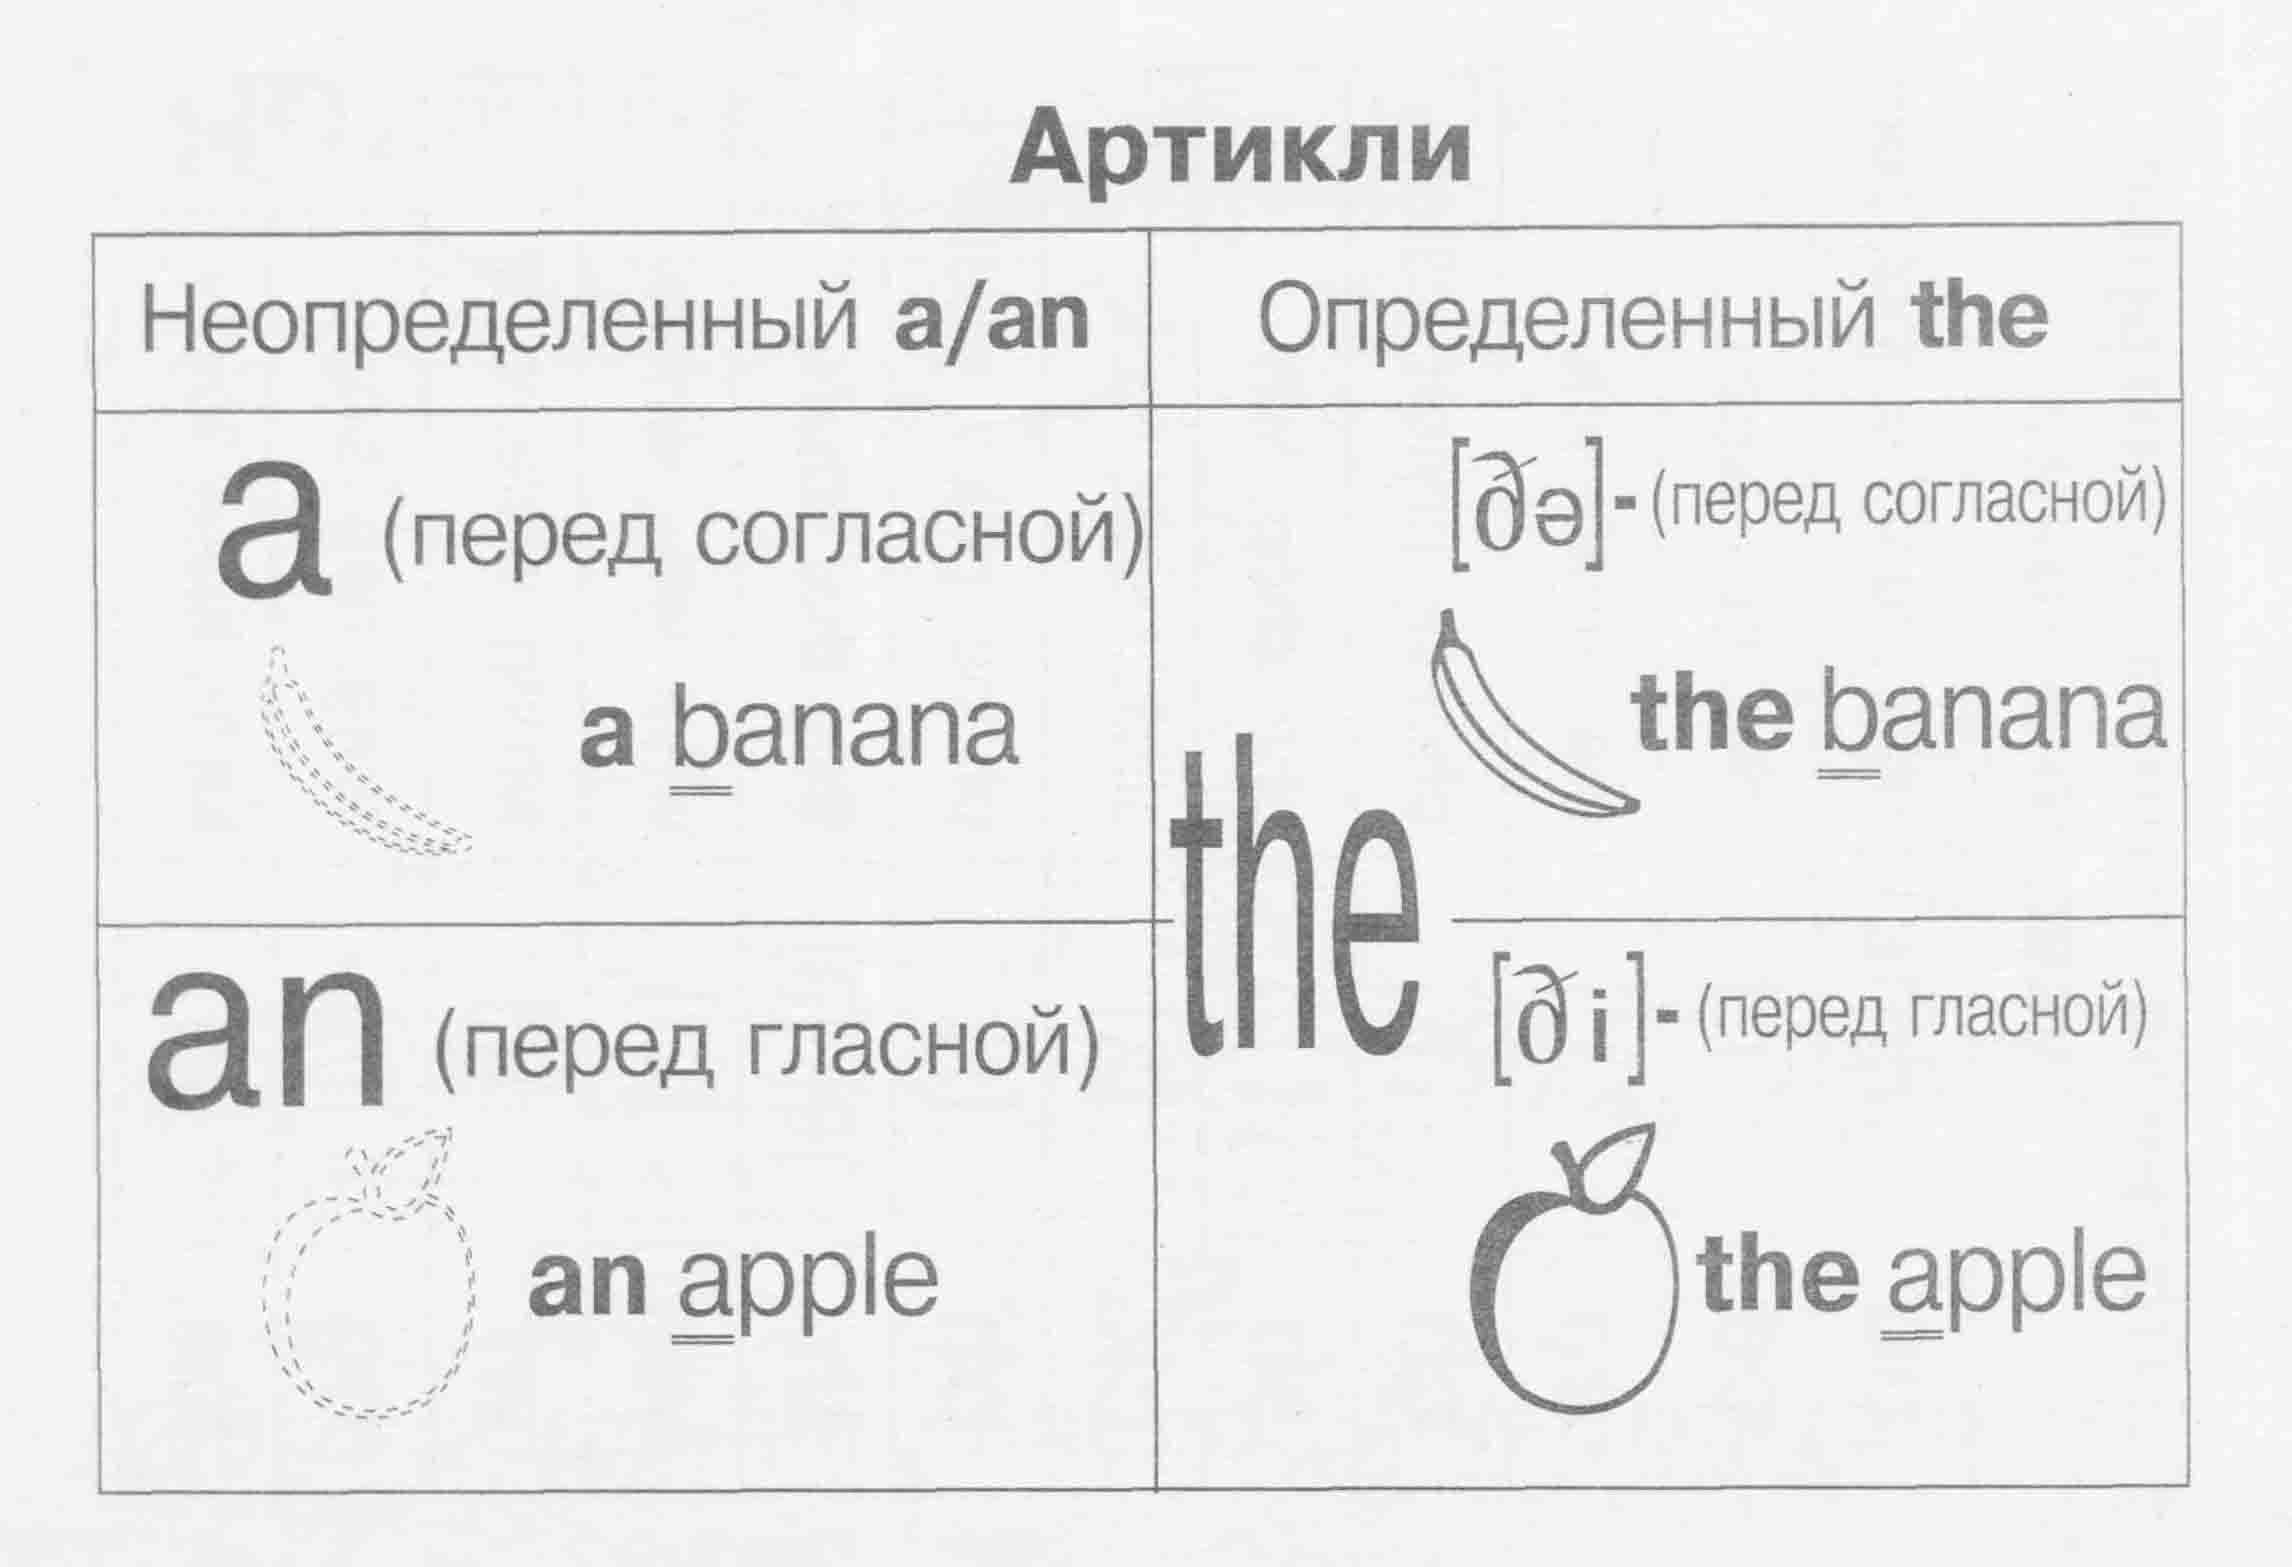 Как употреблять артикль - секреты английского языка